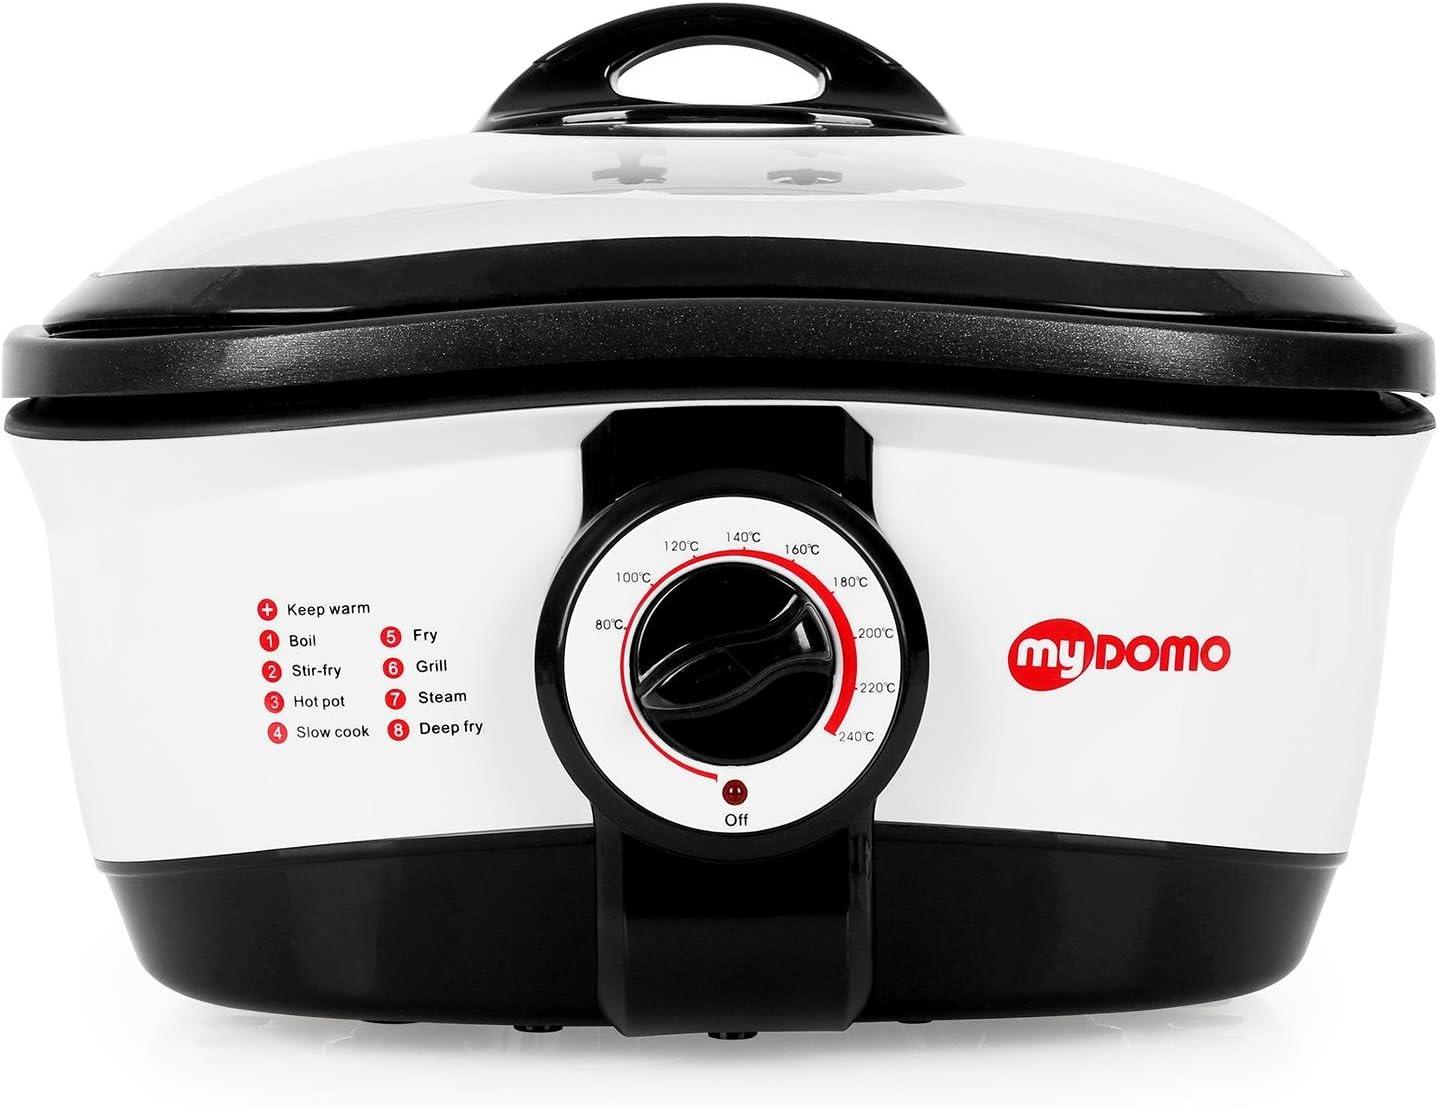 myDOMO MF-01 Cooking Master 8 en 1 Olla multifunción (5L, 1500W, 8 programas, recipiente de aluminio desmontable, función mantenimiento calor): Amazon.es: Hogar